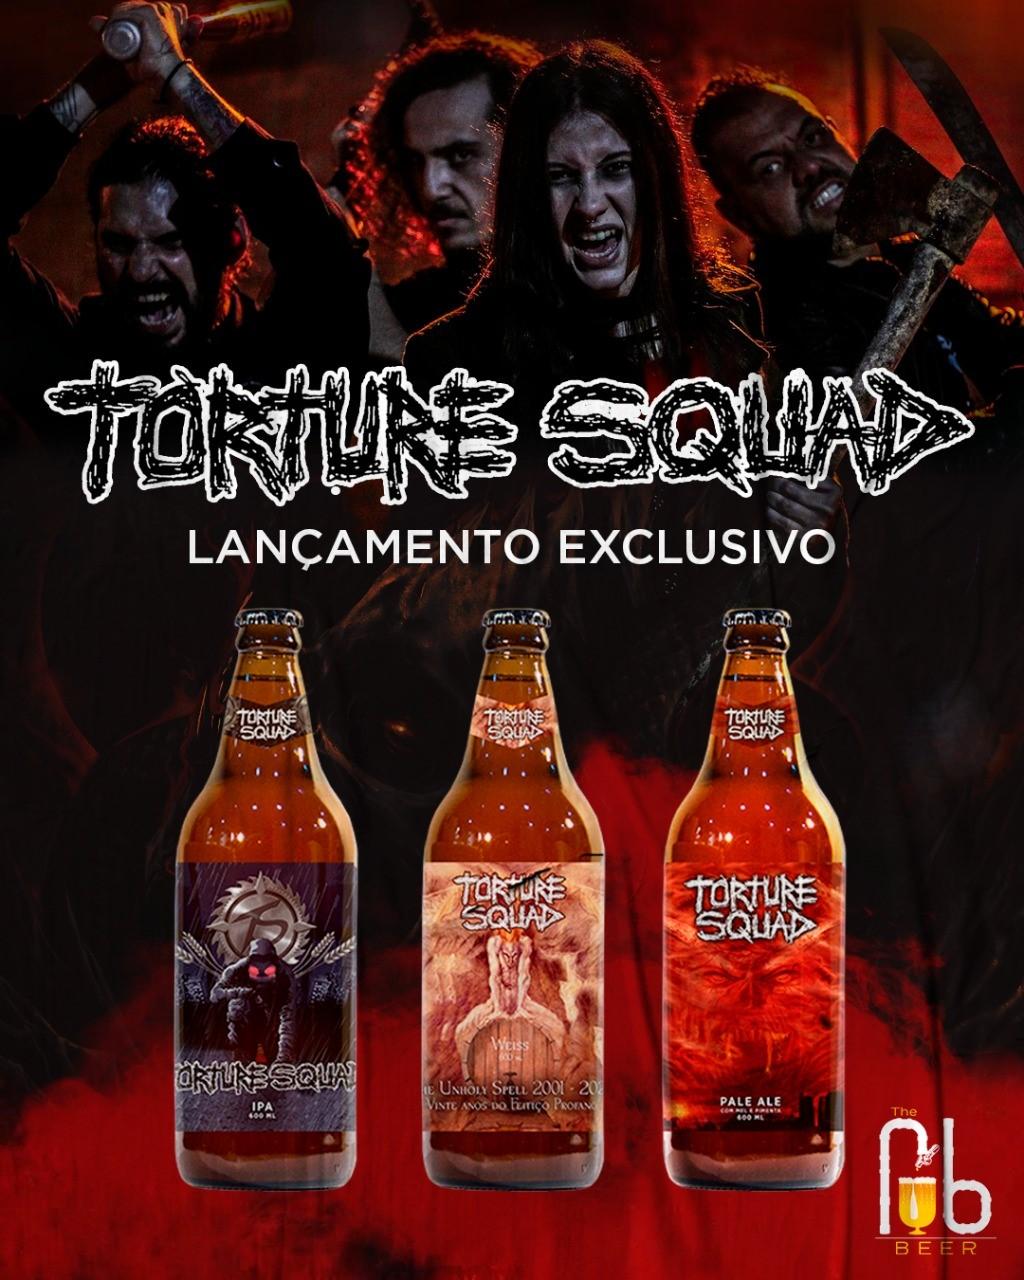 Torture Squad e The Pub Beer se juntam e lançam três cervejas exclusivas